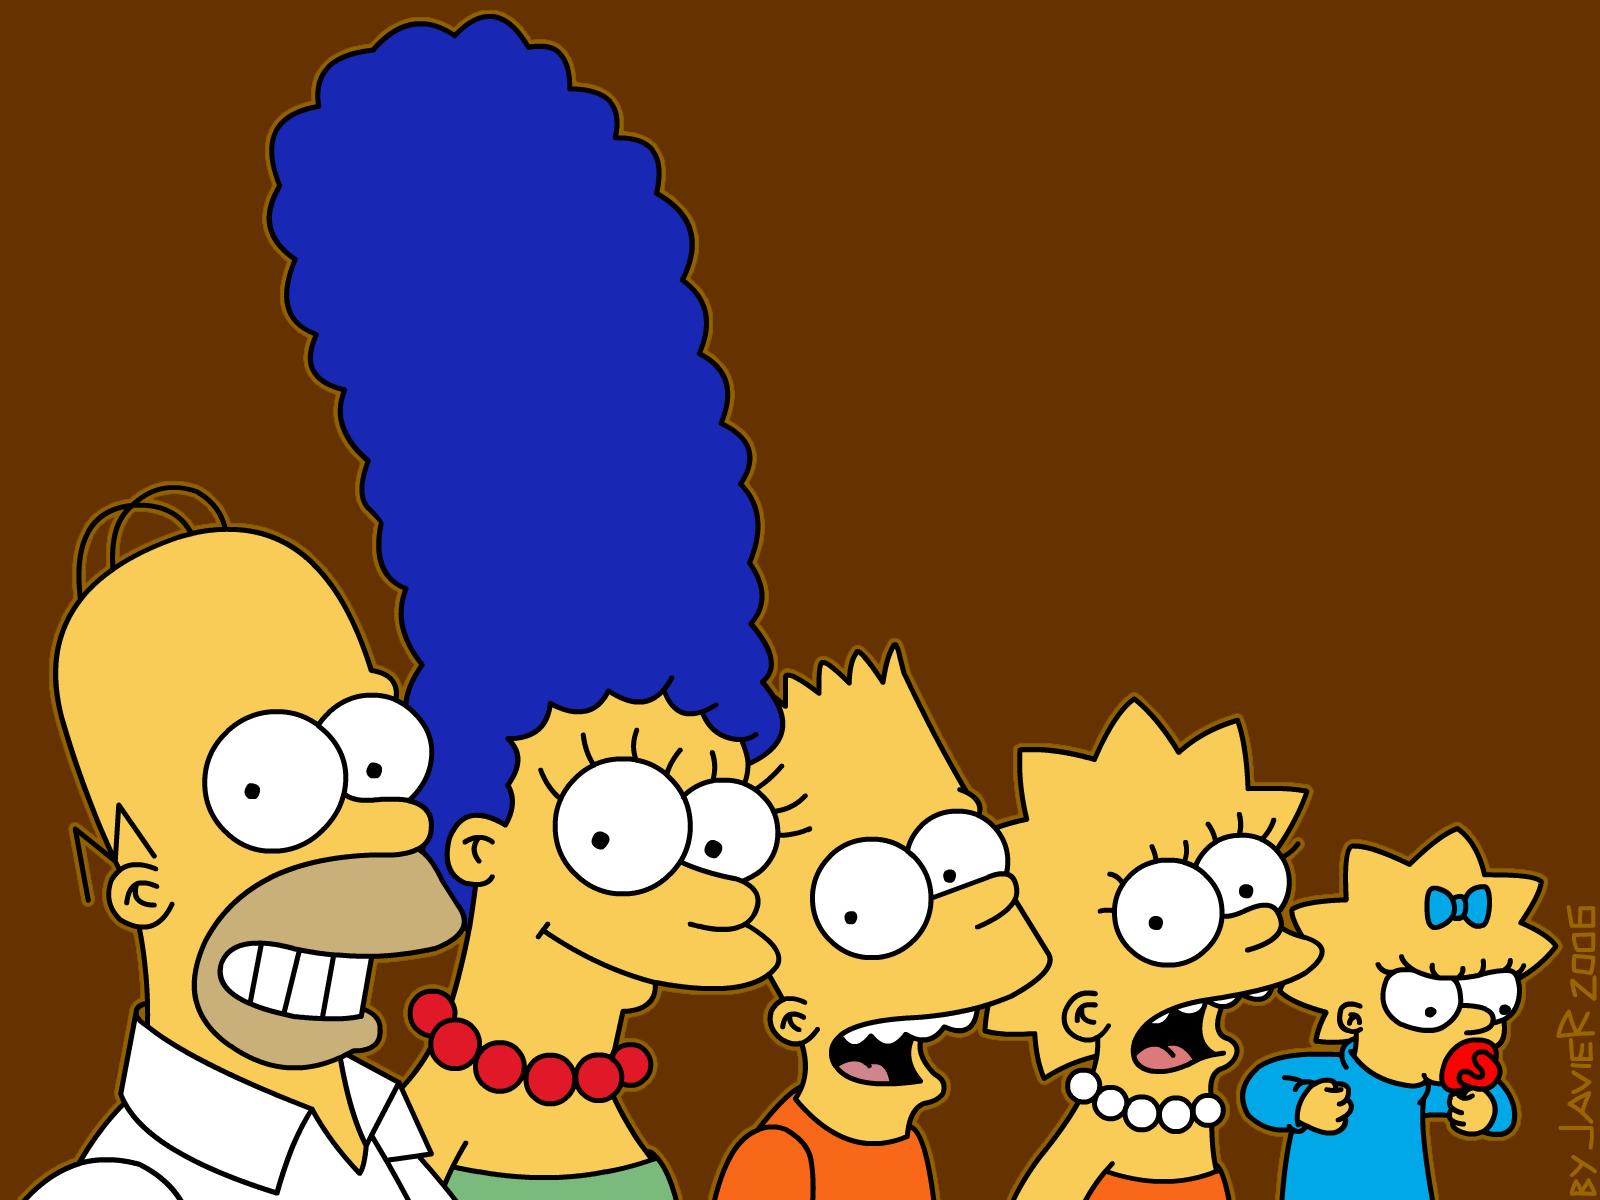 Simpsons, wallpapers, обои для рабочего стола, Симпсоны, скачать фото